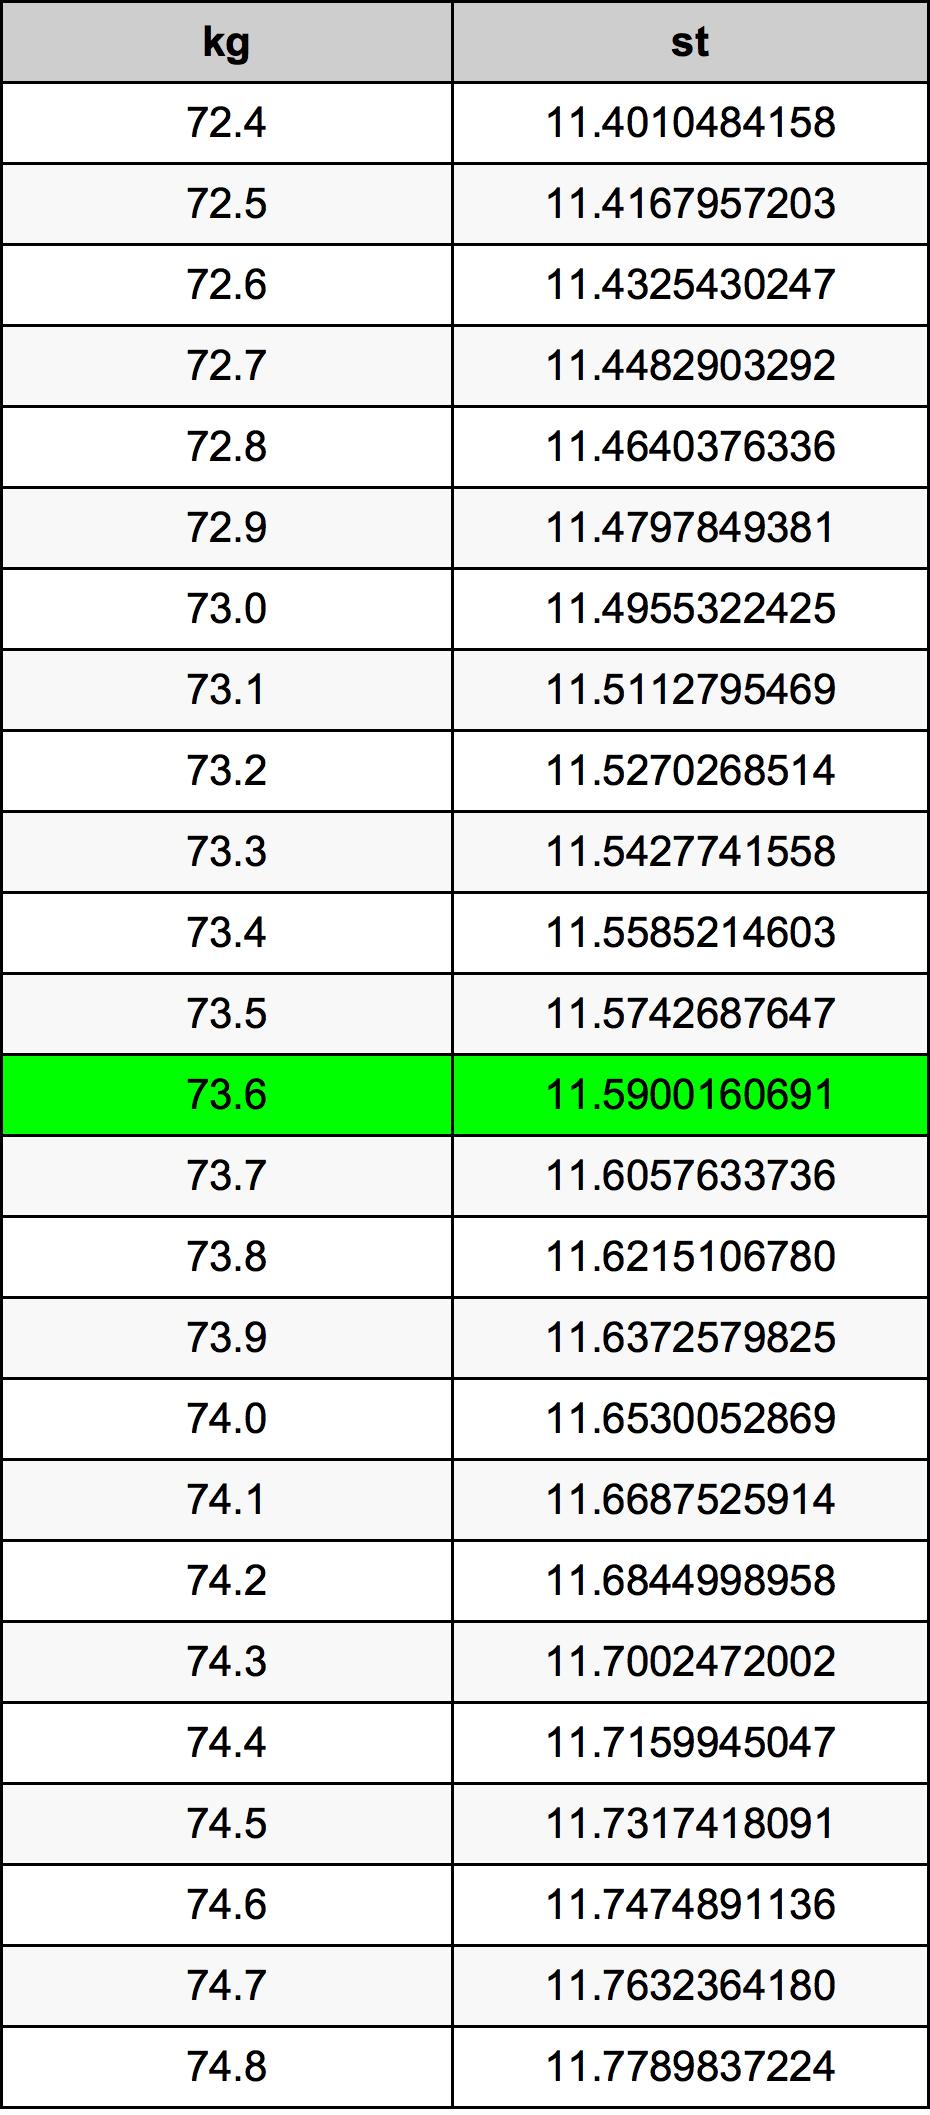 73.6 Kilogramo Tabla de conversión